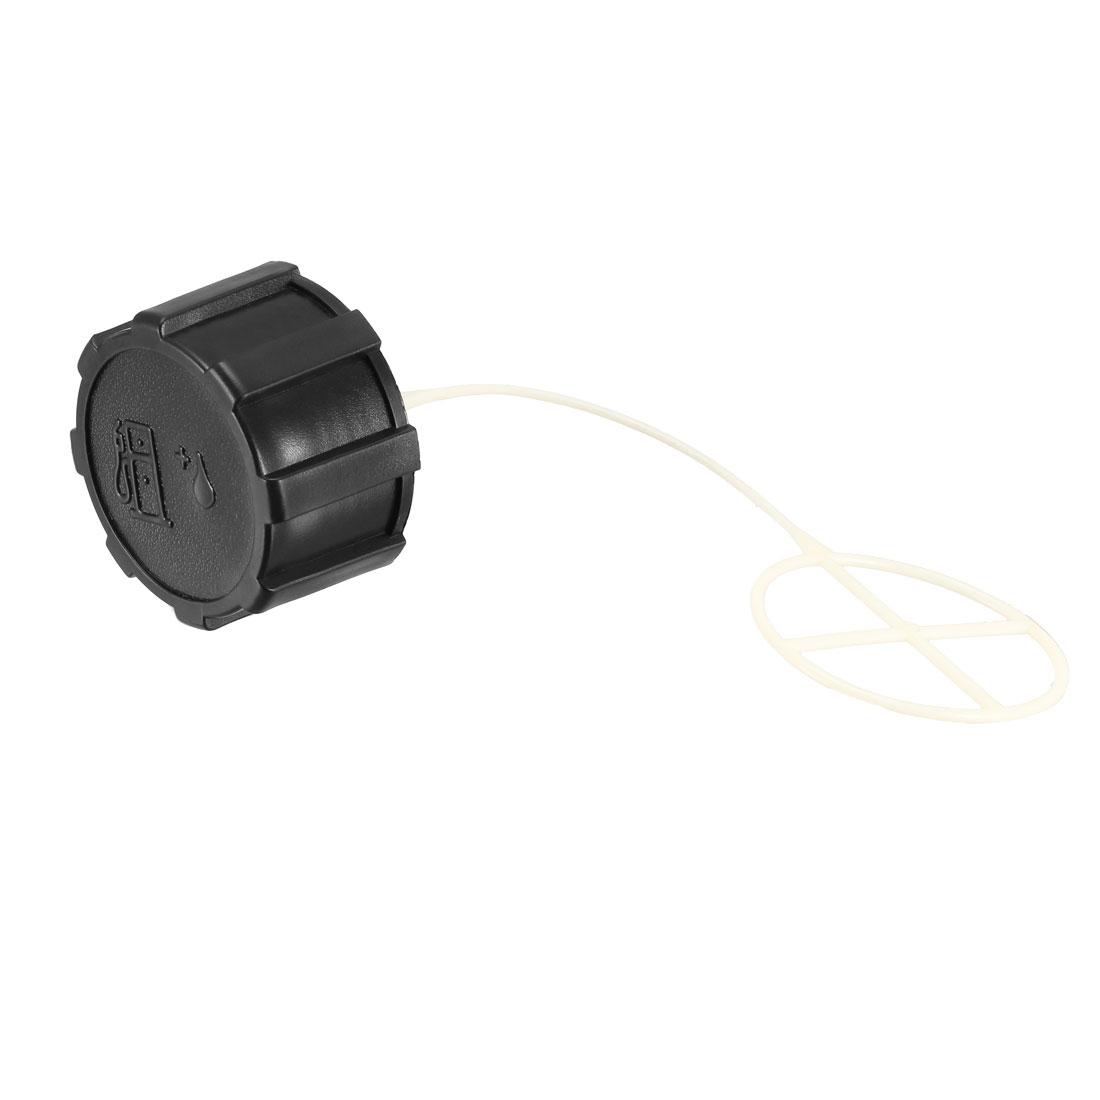 Fuel Tank Cap Replaces 55-3570 Lawn Mower Fuel Tank Cap